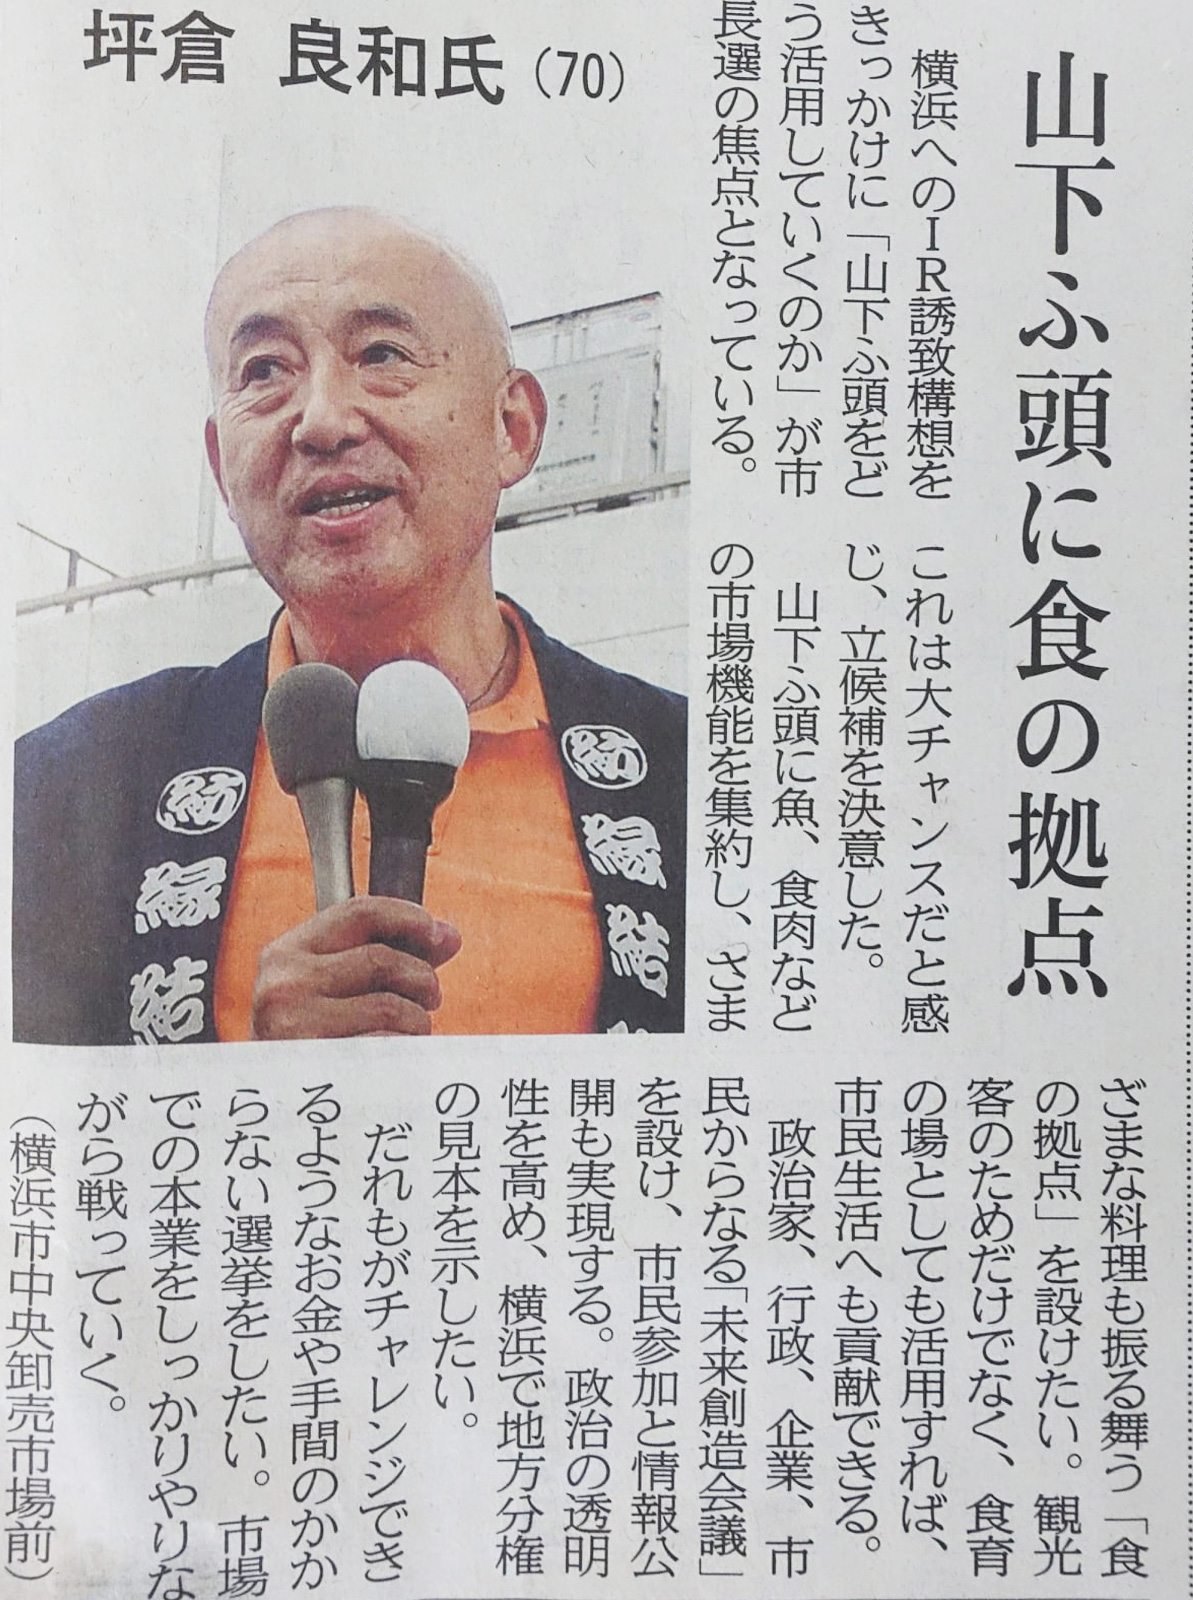 8月8日神奈川新聞坪倉良和選挙記事